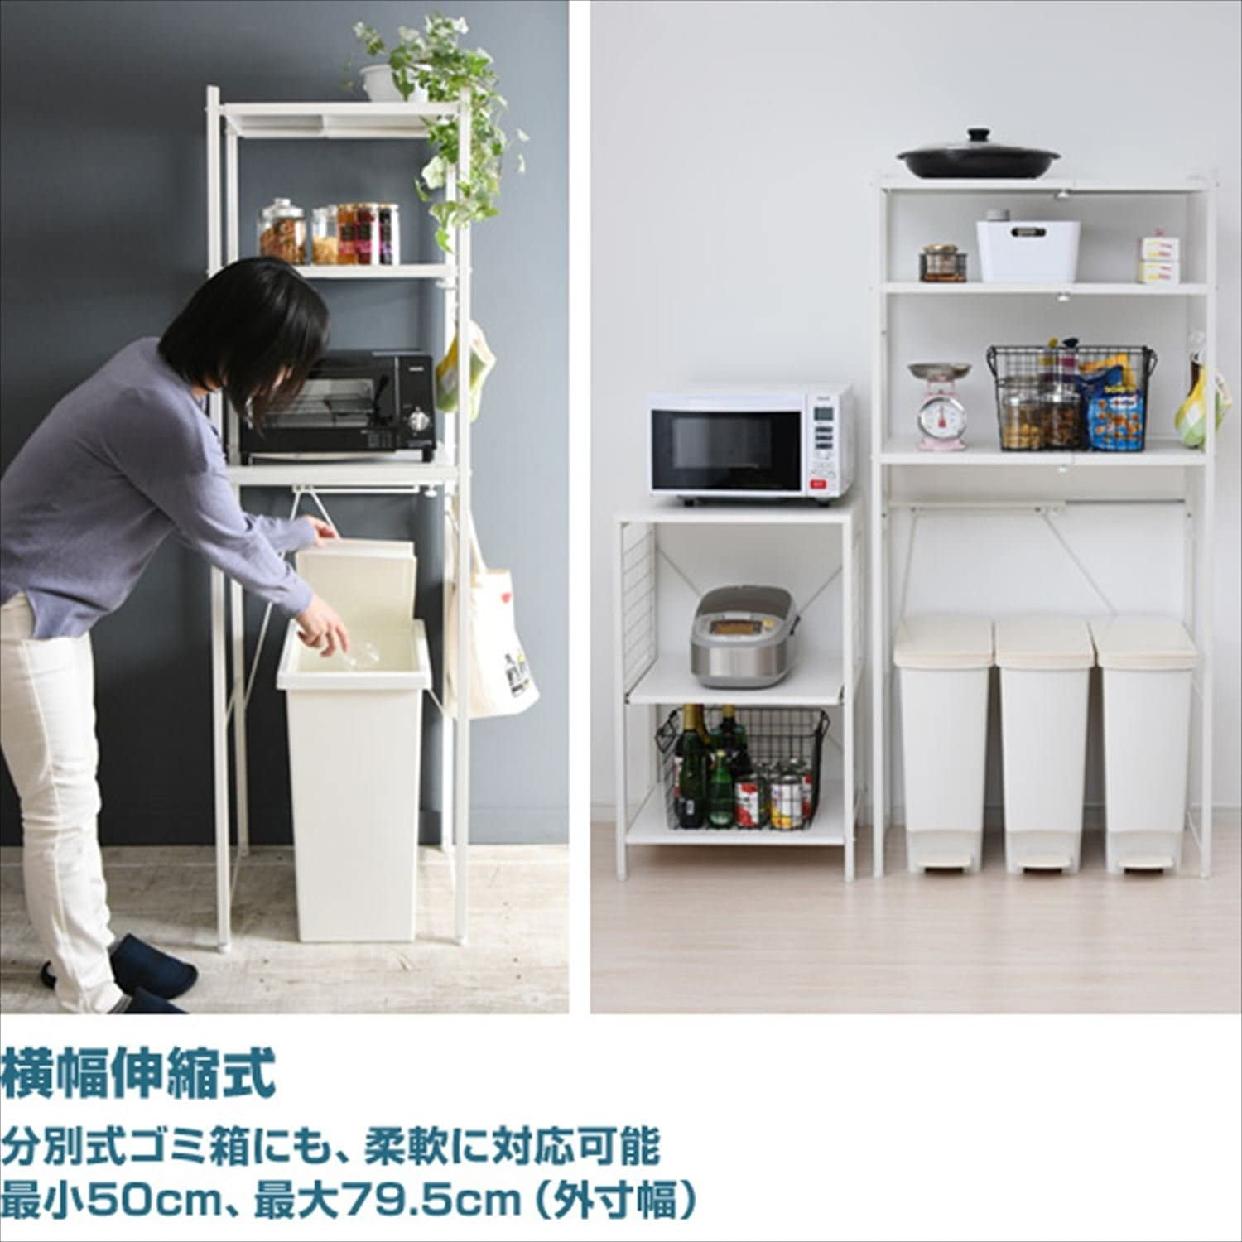 YAMAZEN(ヤマゼン)すっきりキッチンラック 伸縮タイプ/RPE-3 幅50-79.5cmの商品画像6